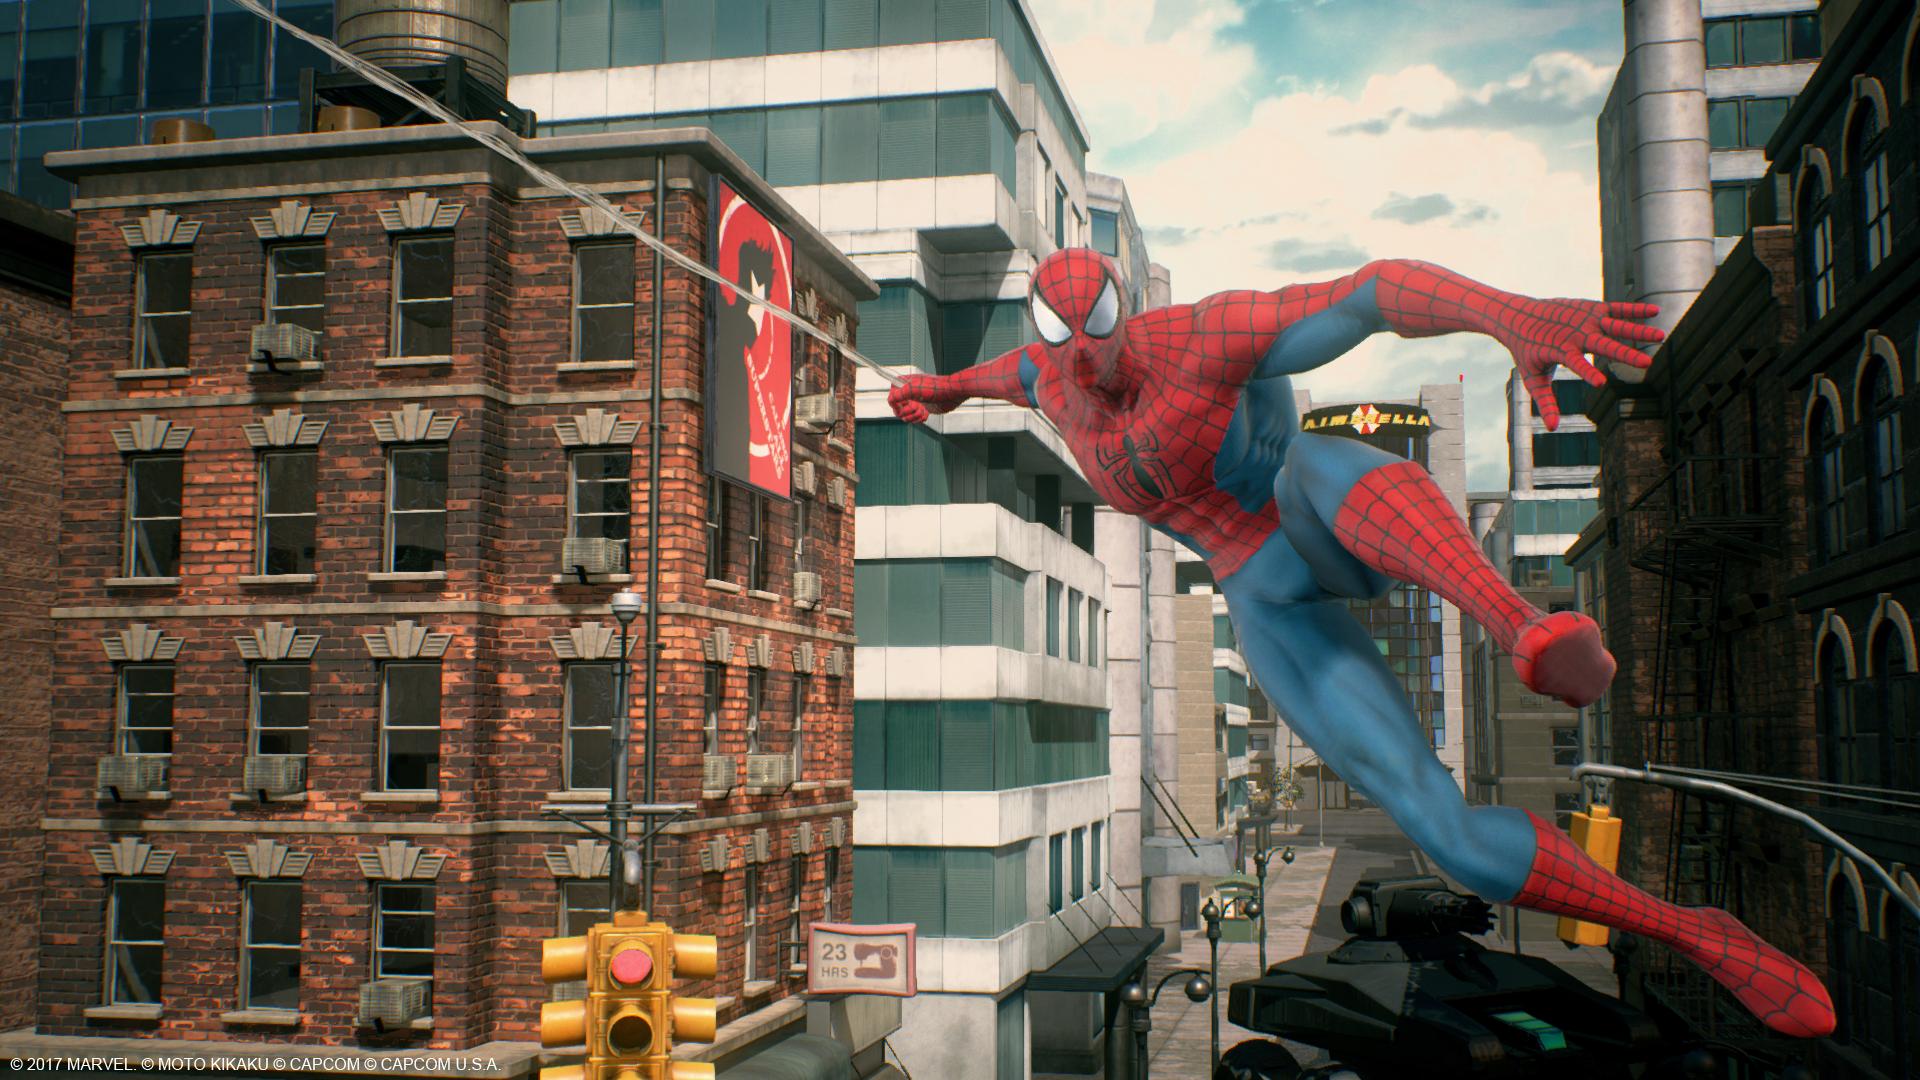 MVCI_1707_Spider-Man_002_1500627722